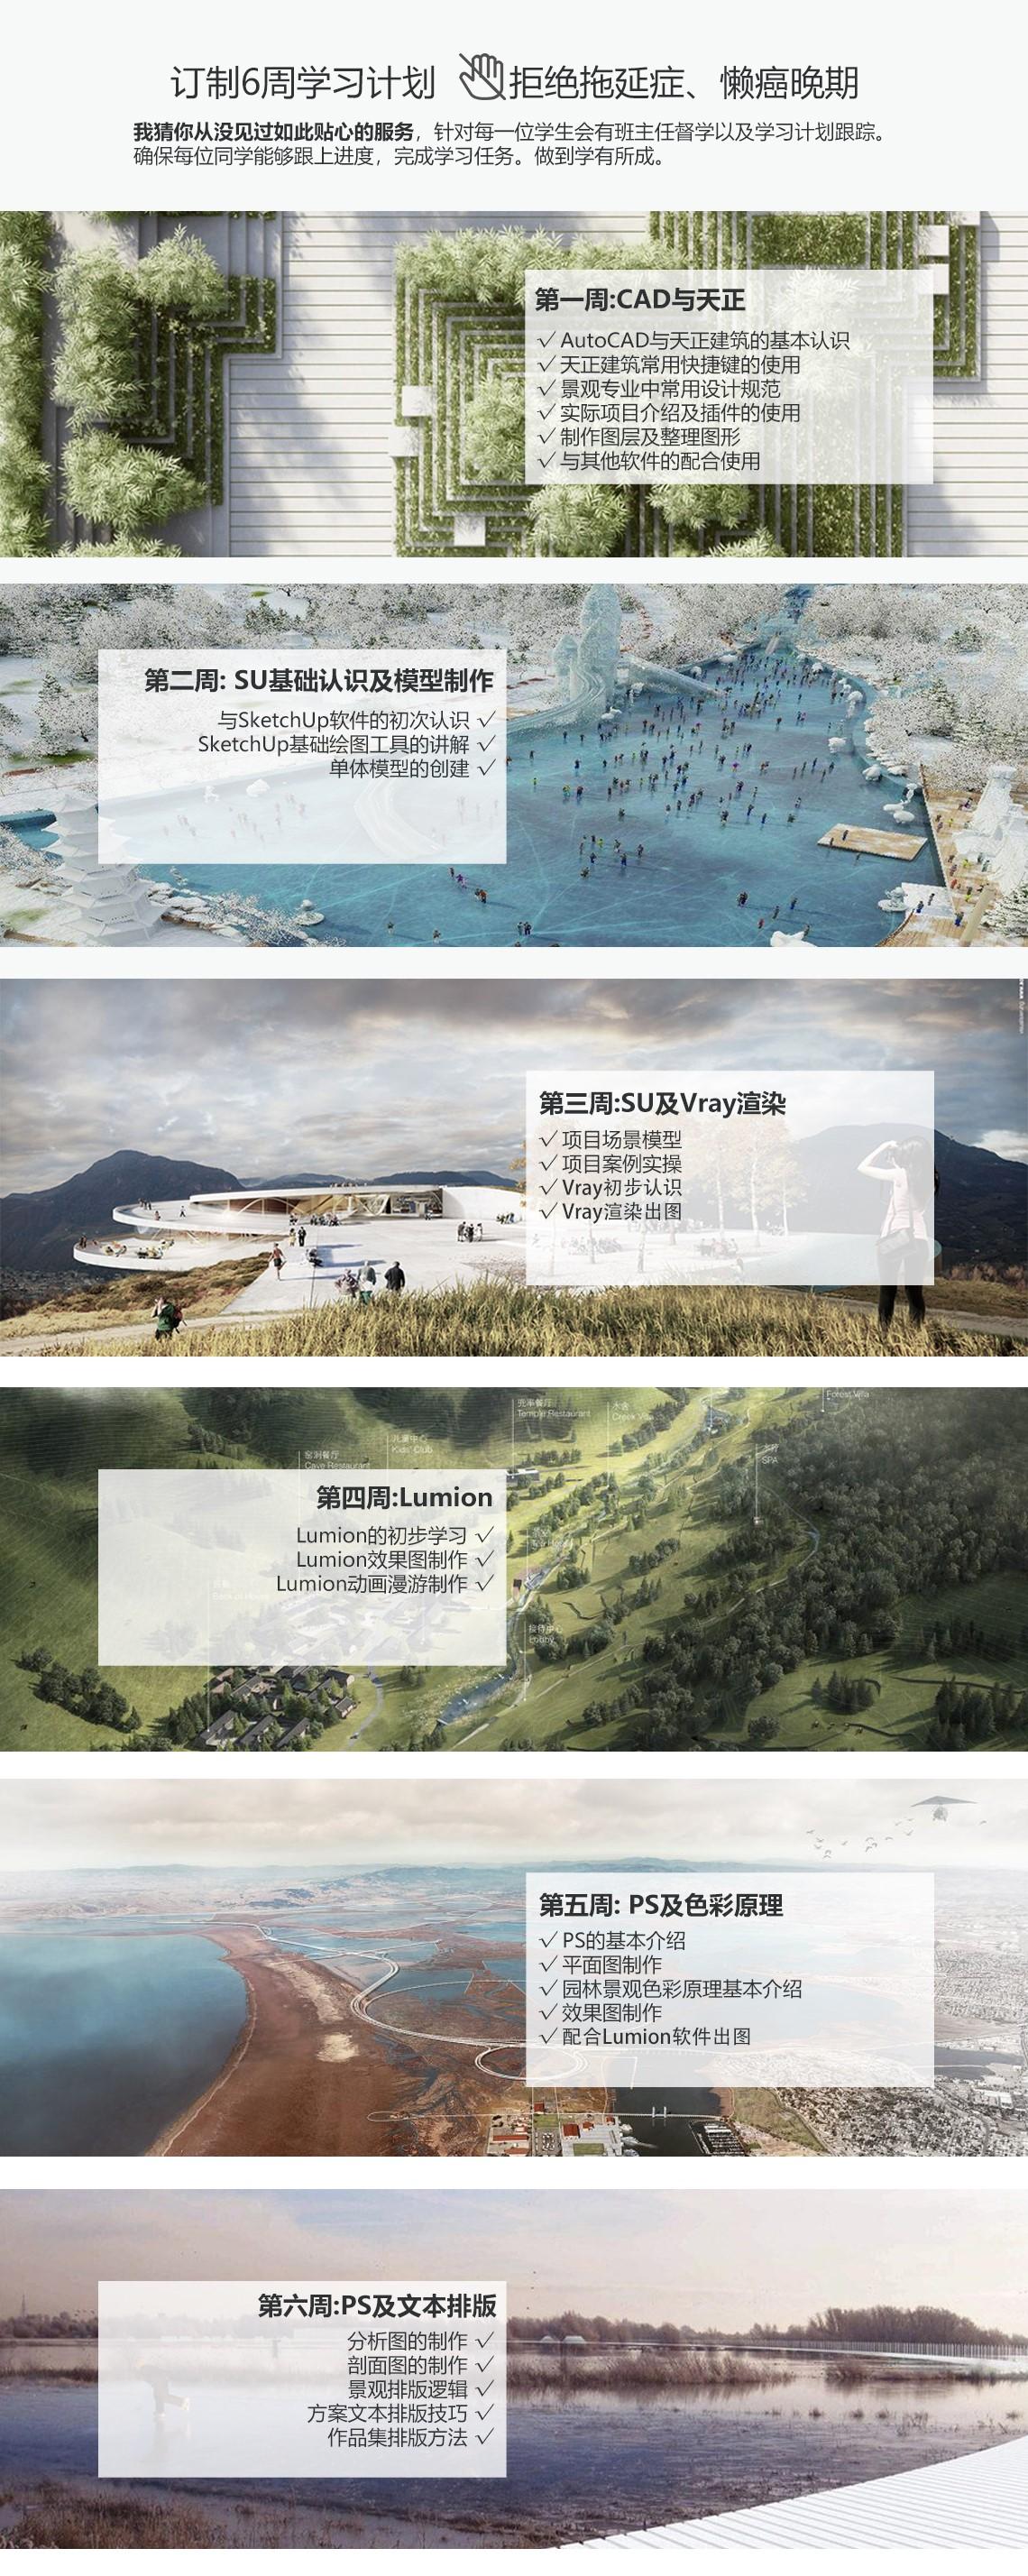 ps景观平面图教程